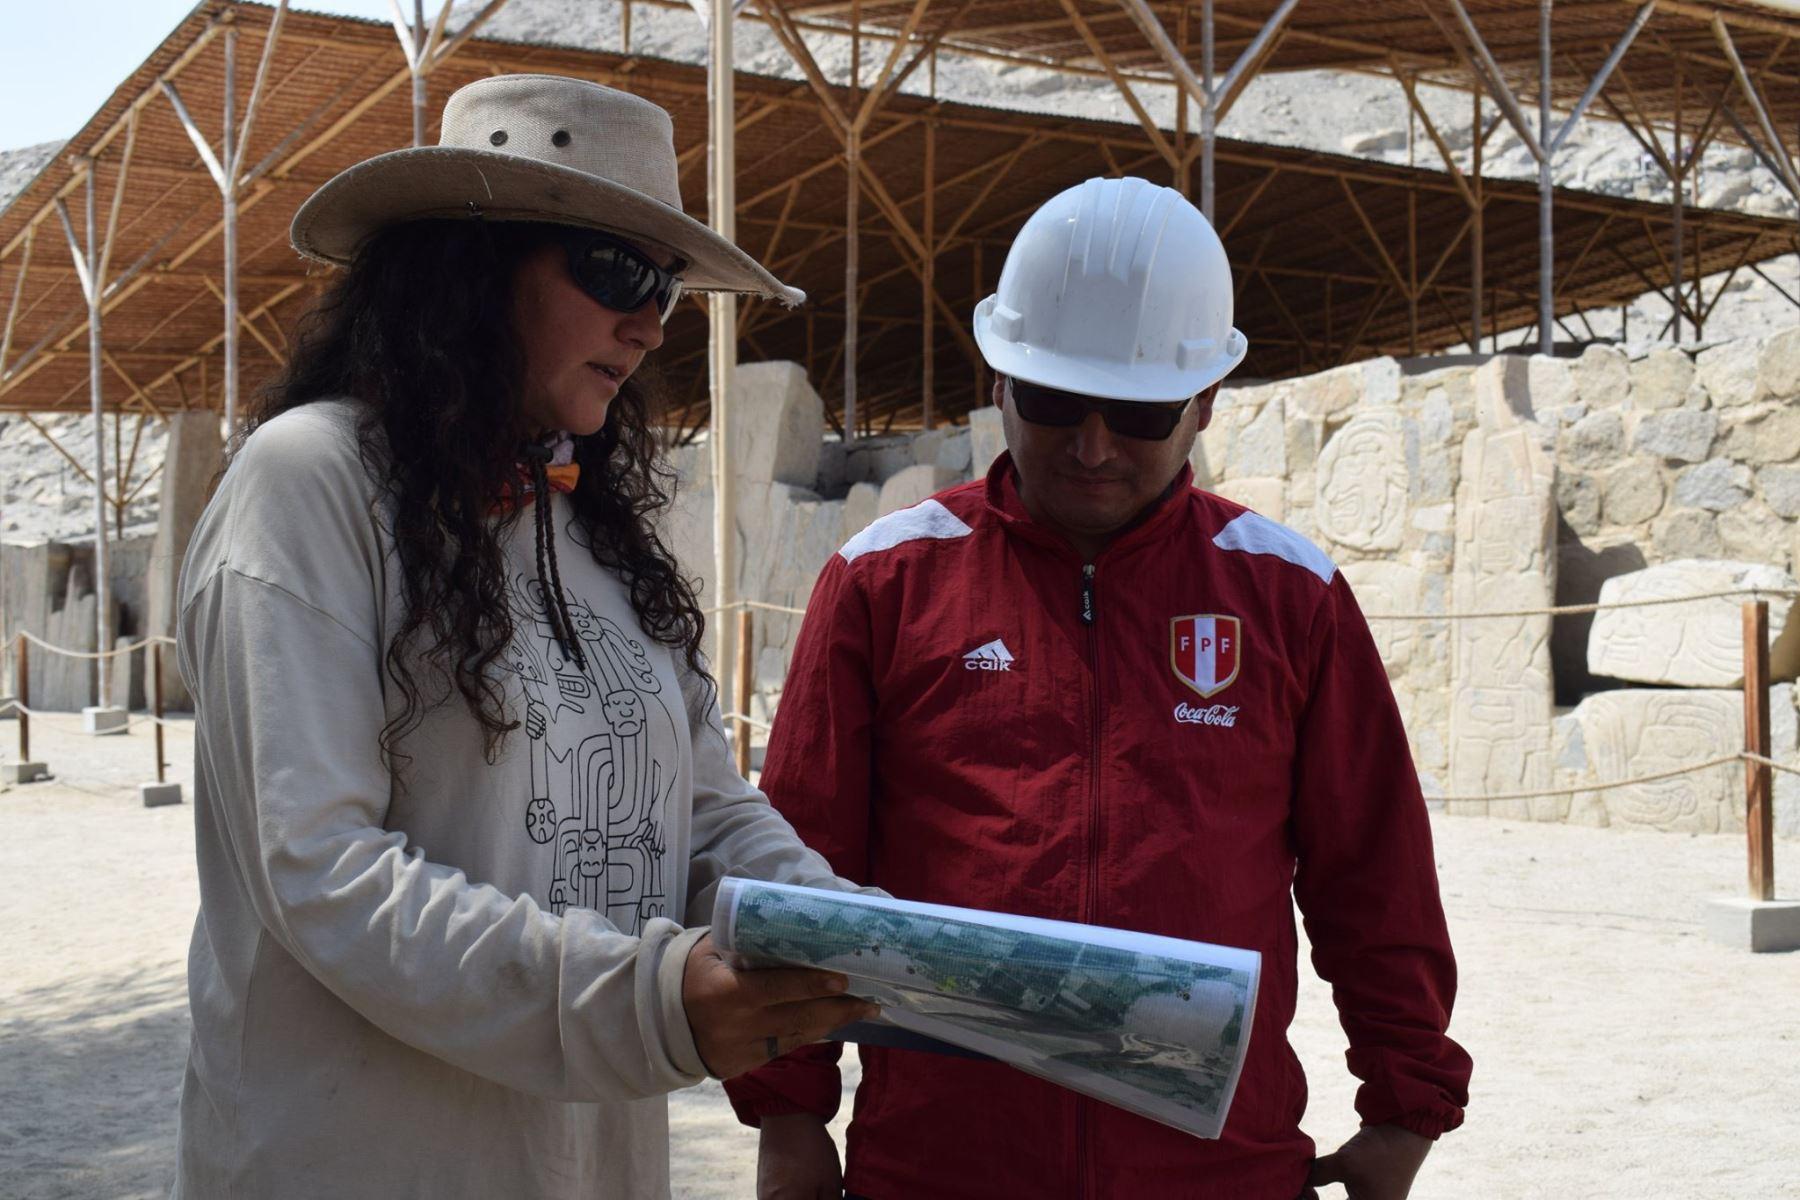 La arqueóloga Mónica Suárez hizo un recorrido guiado al alcalde de Buena Vista, Hugo Pajito, por el sitio arqueológico Sechín (Áncash). Foto: ANDINA/Gonzalo Horna